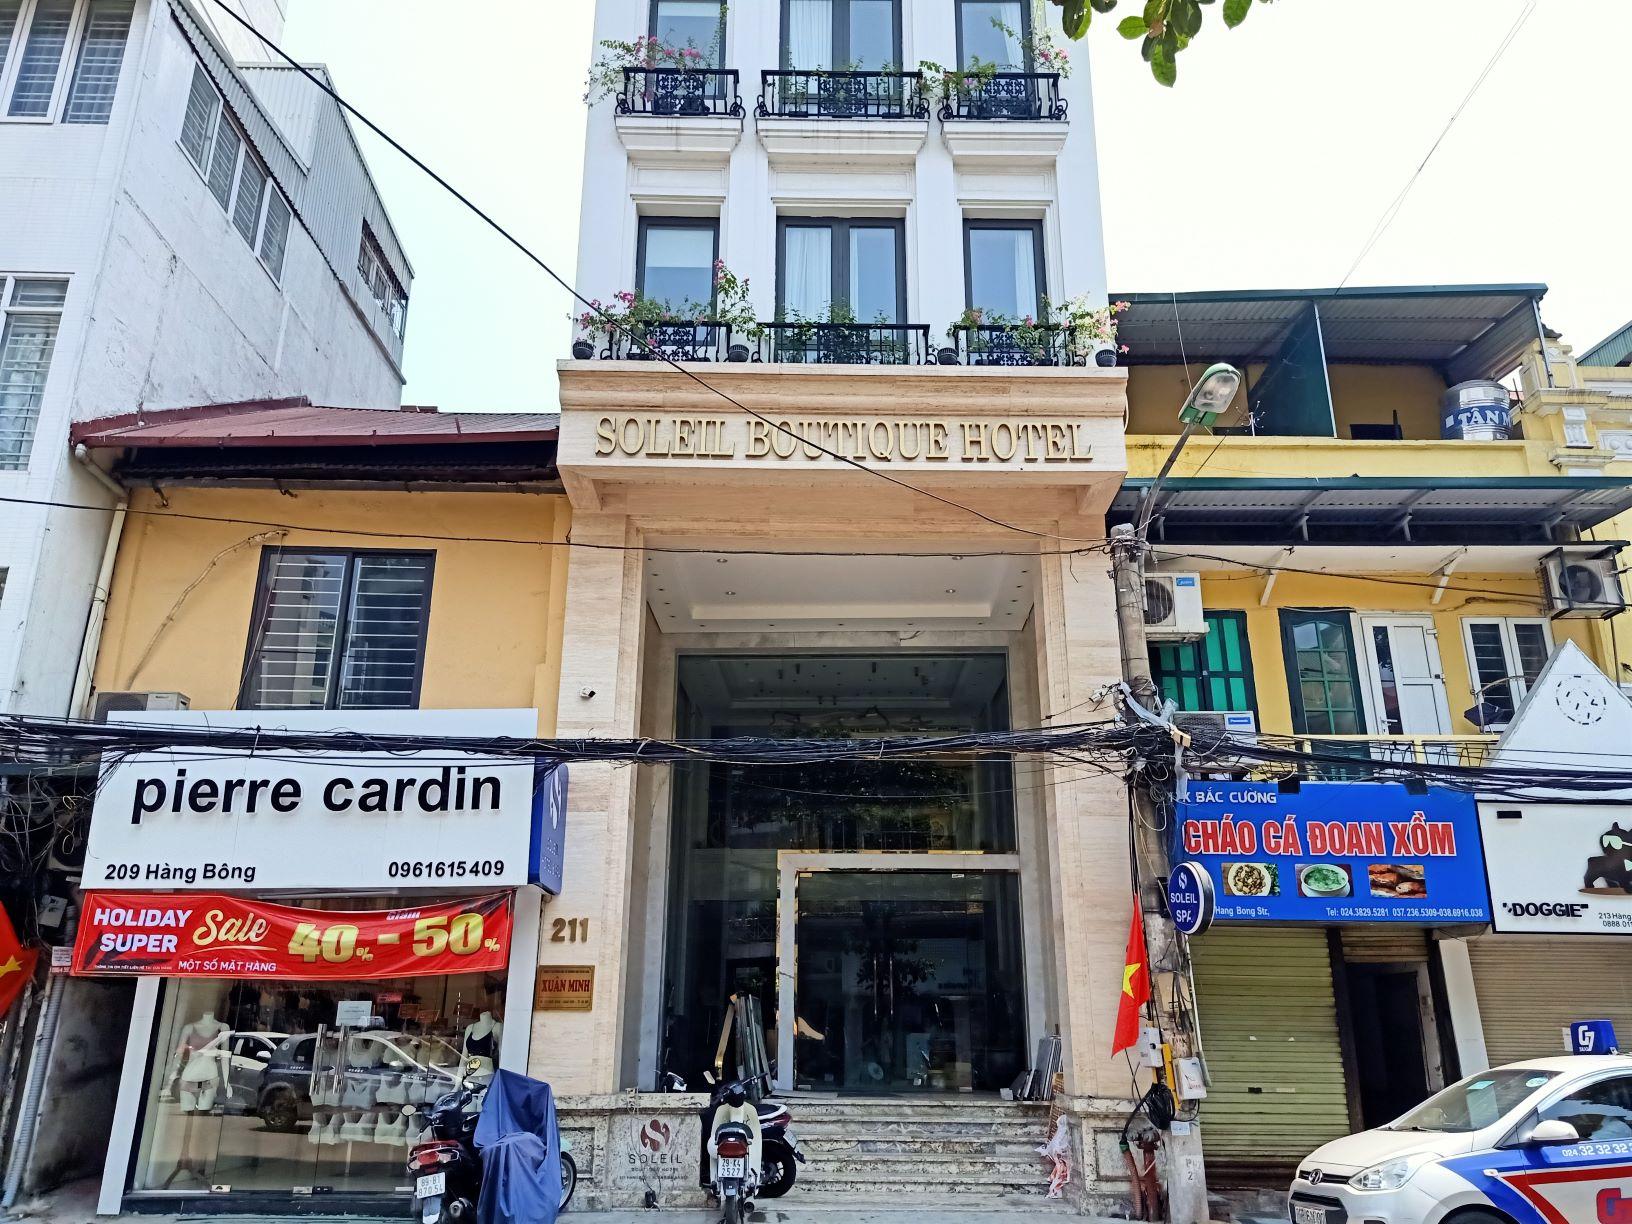 Một khách sạn tại một trong những khu phố đắt đỏ bậc nhất Thủ đô đang đóng cửa để sửa chữa. Ảnh: Kinh tế & Tiêu dùng